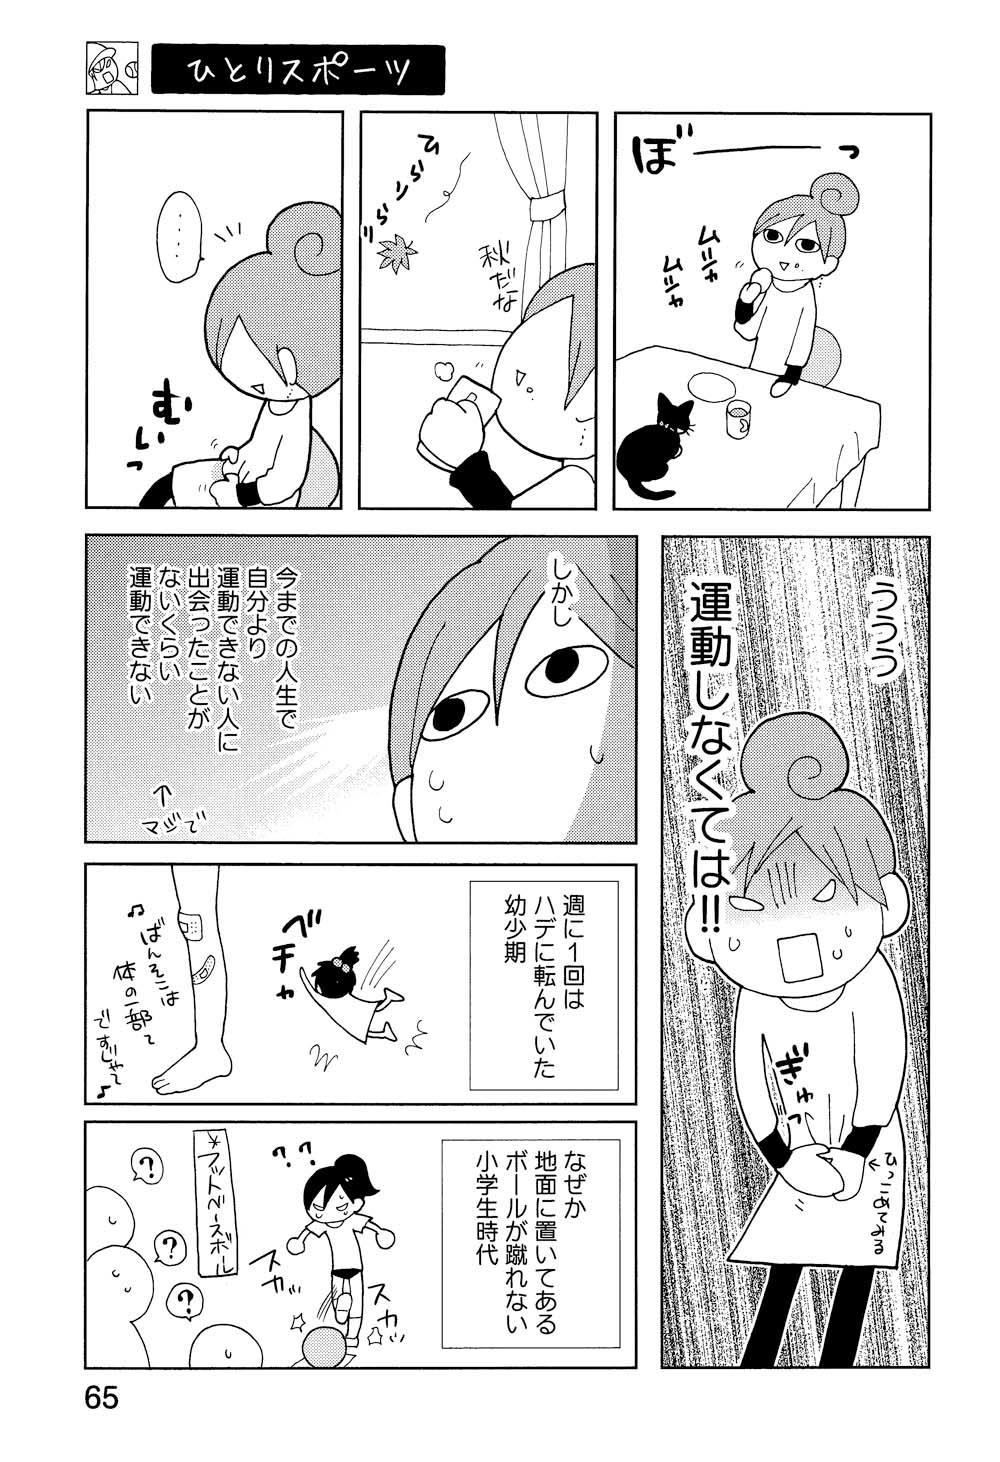 おひとりさま_066.jpg